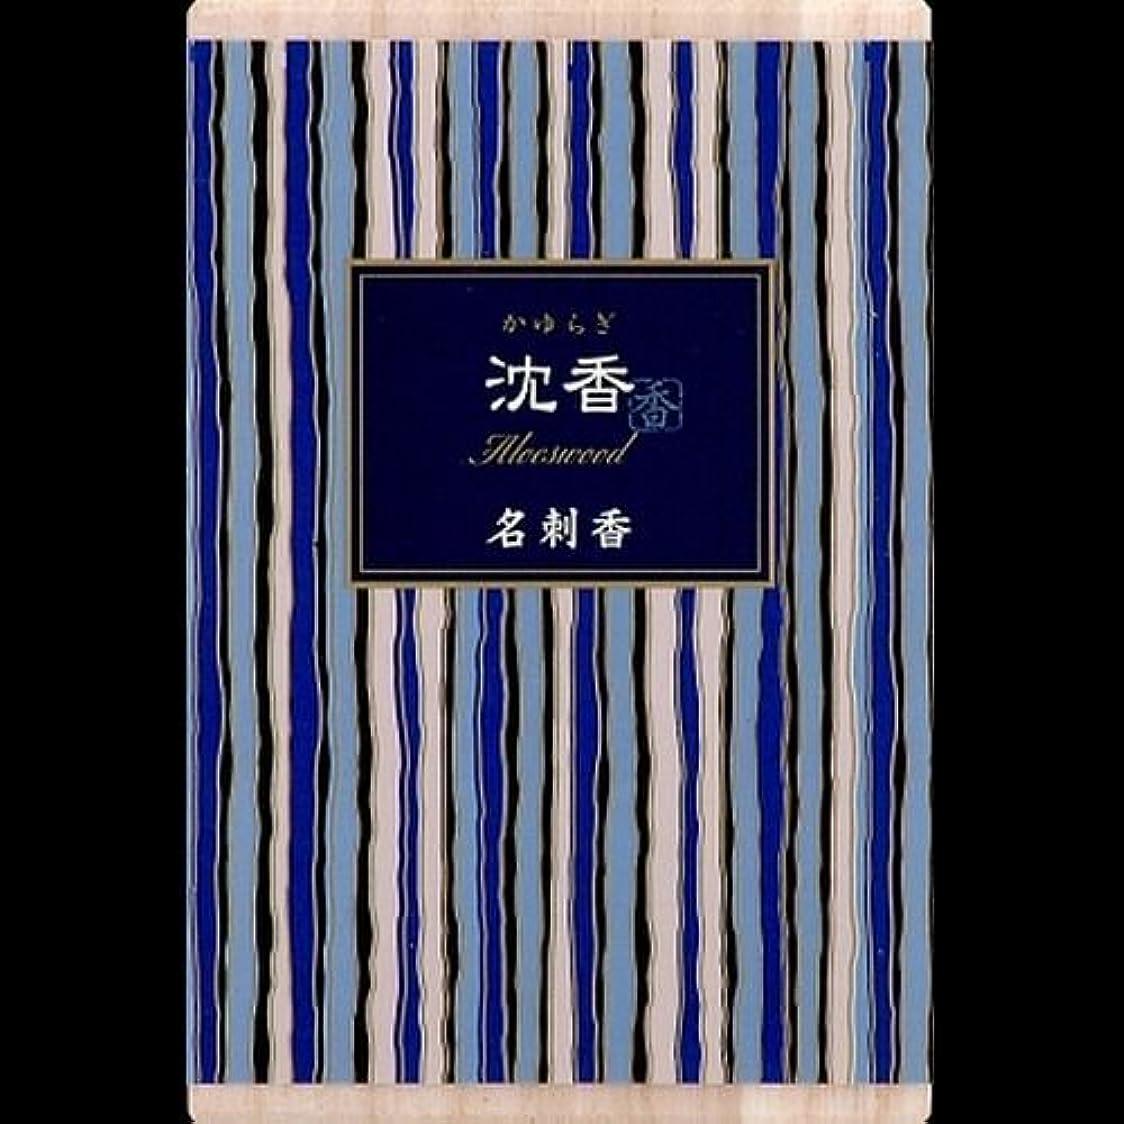 キュービック開梱突然の【まとめ買い】かゆらぎ 沈香 名刺香 桐箱 6入 ×2セット